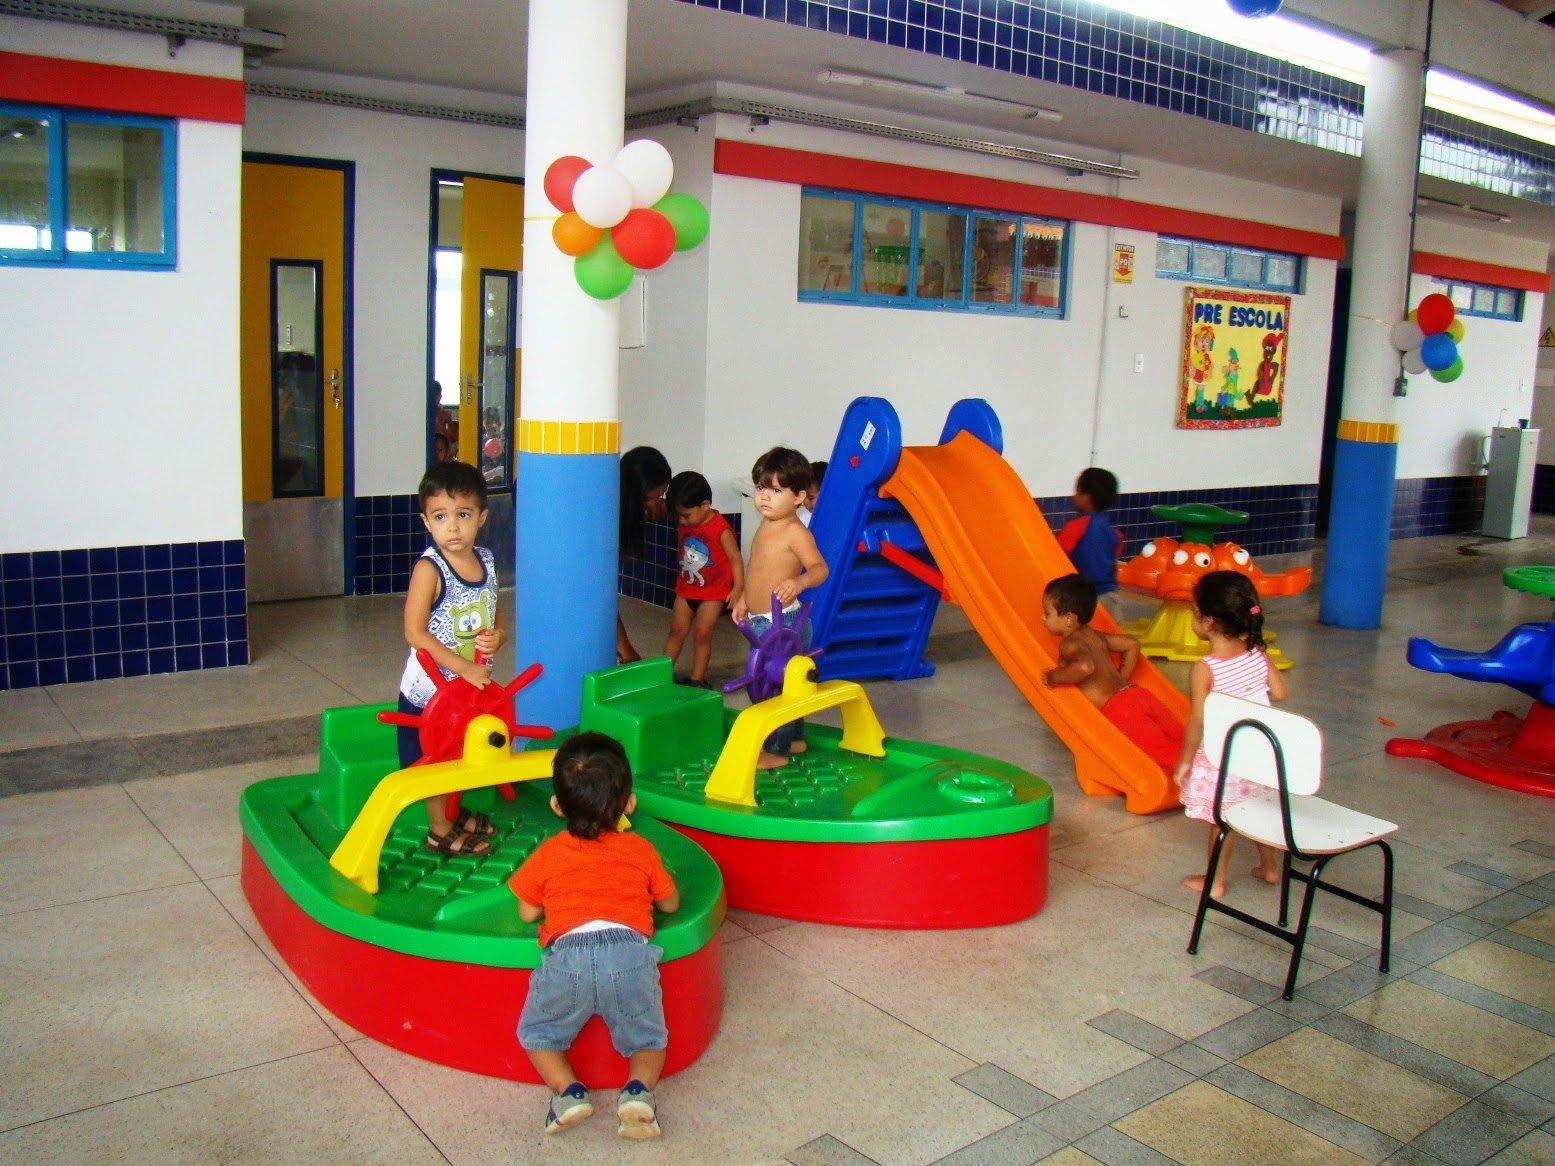 Educação infantil em creches